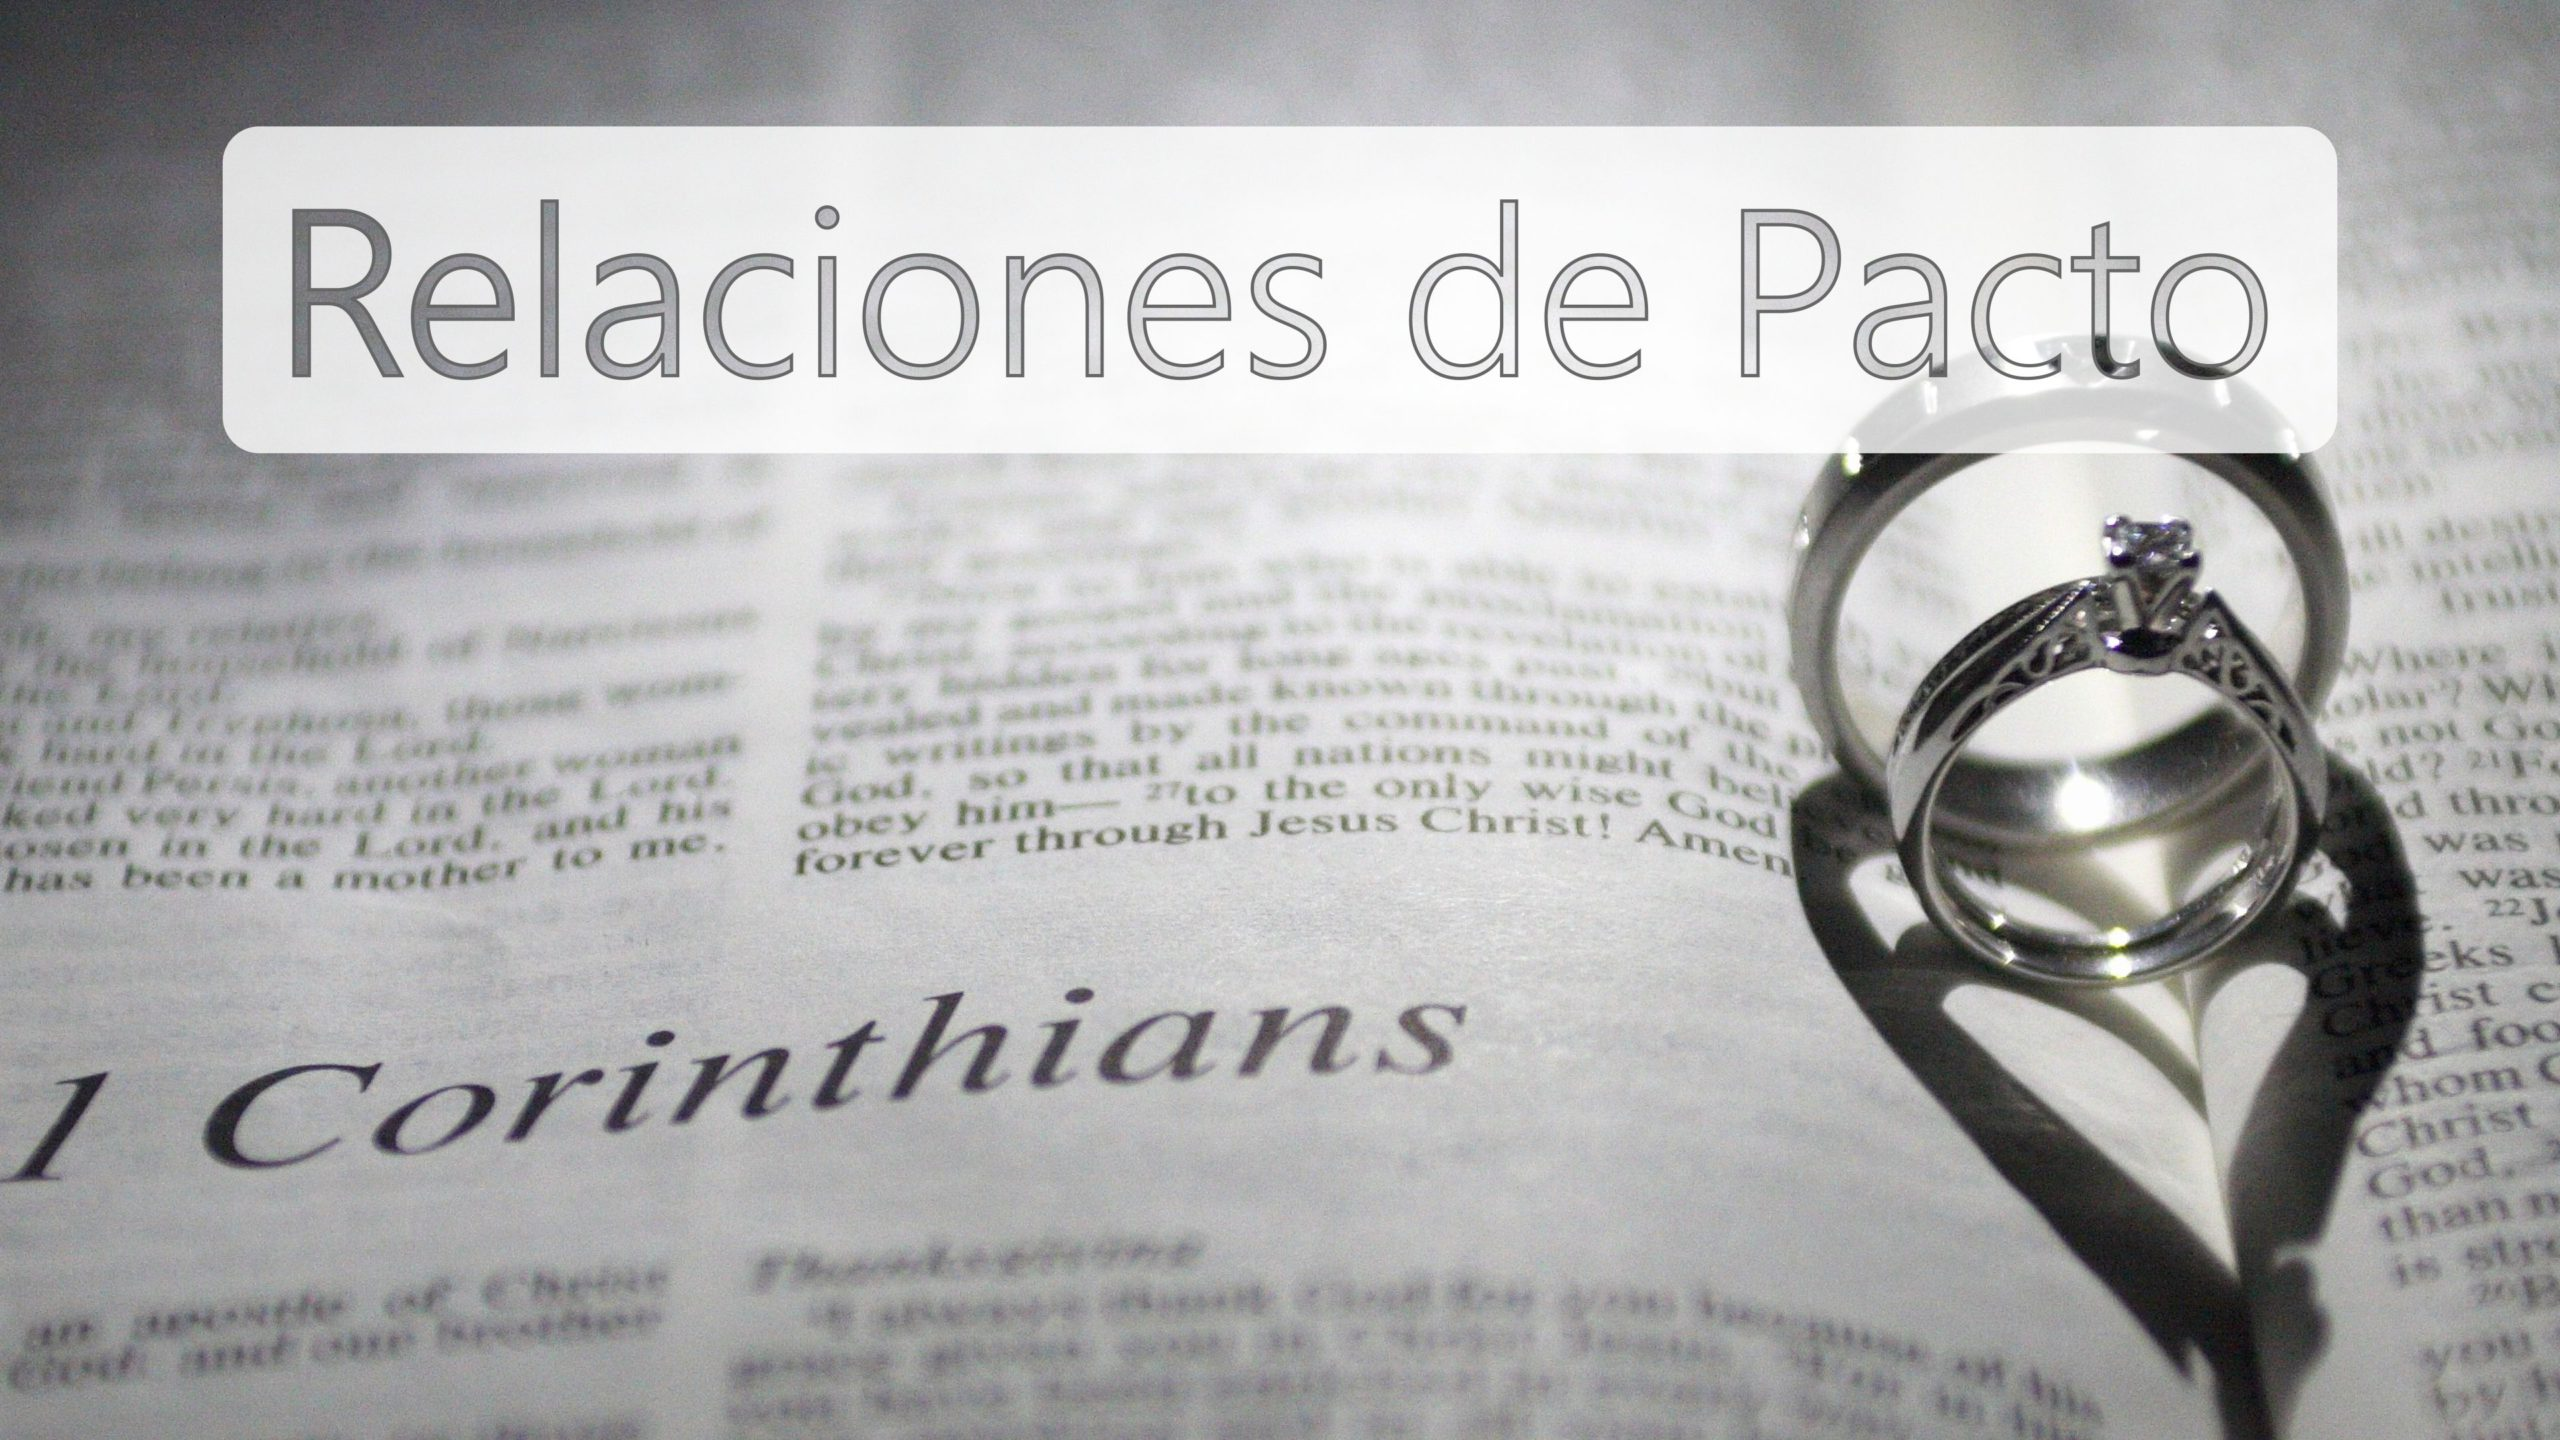 Relaciones de Pacto